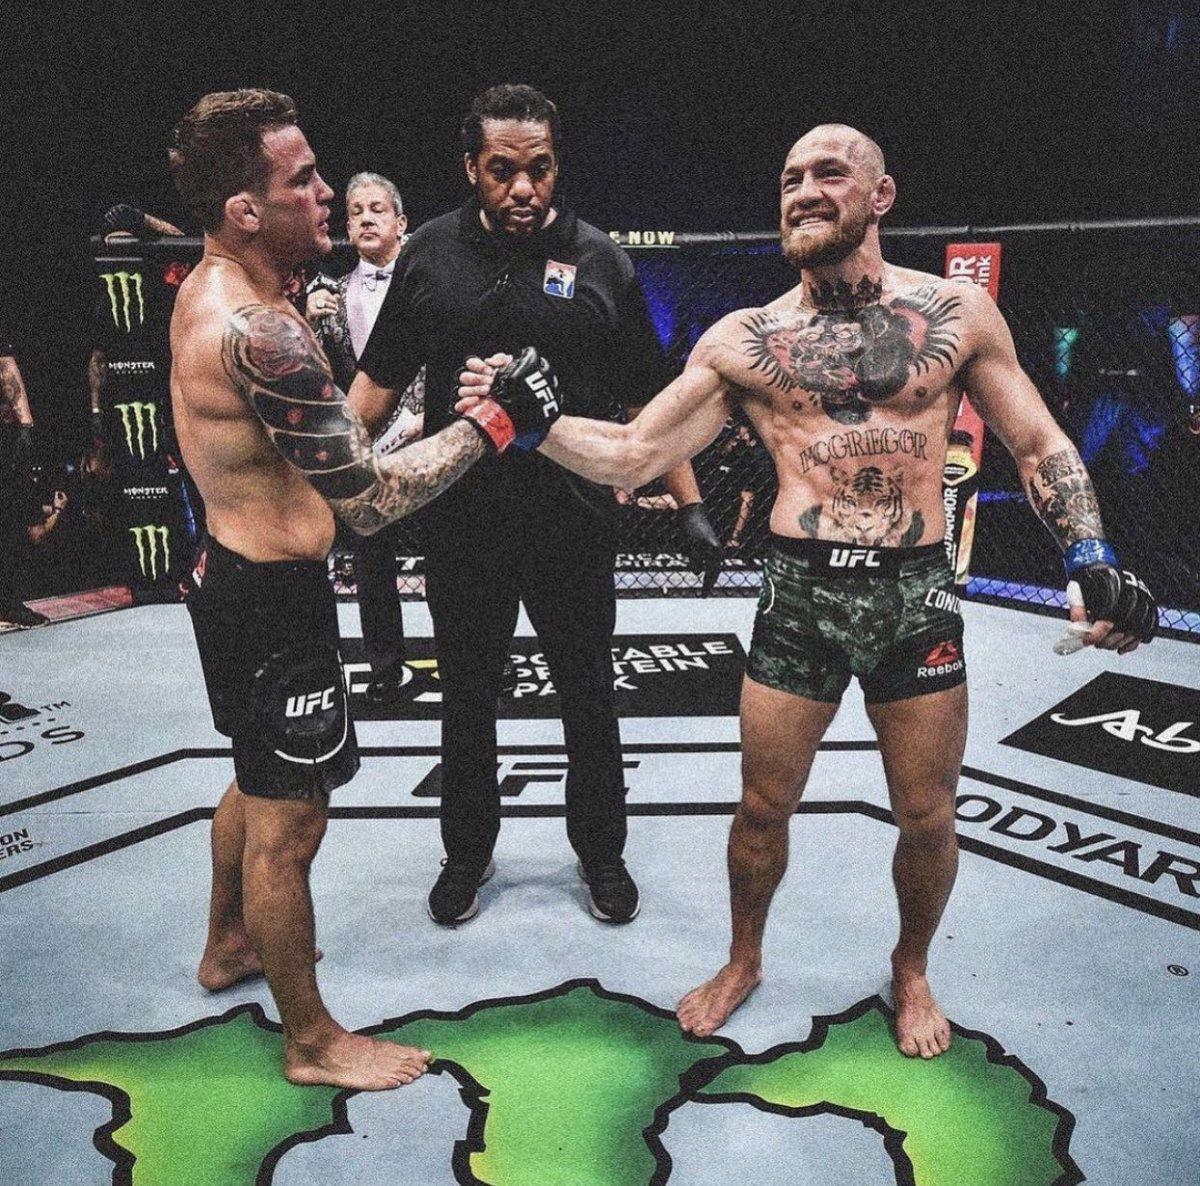 RESPECT! #UFC257